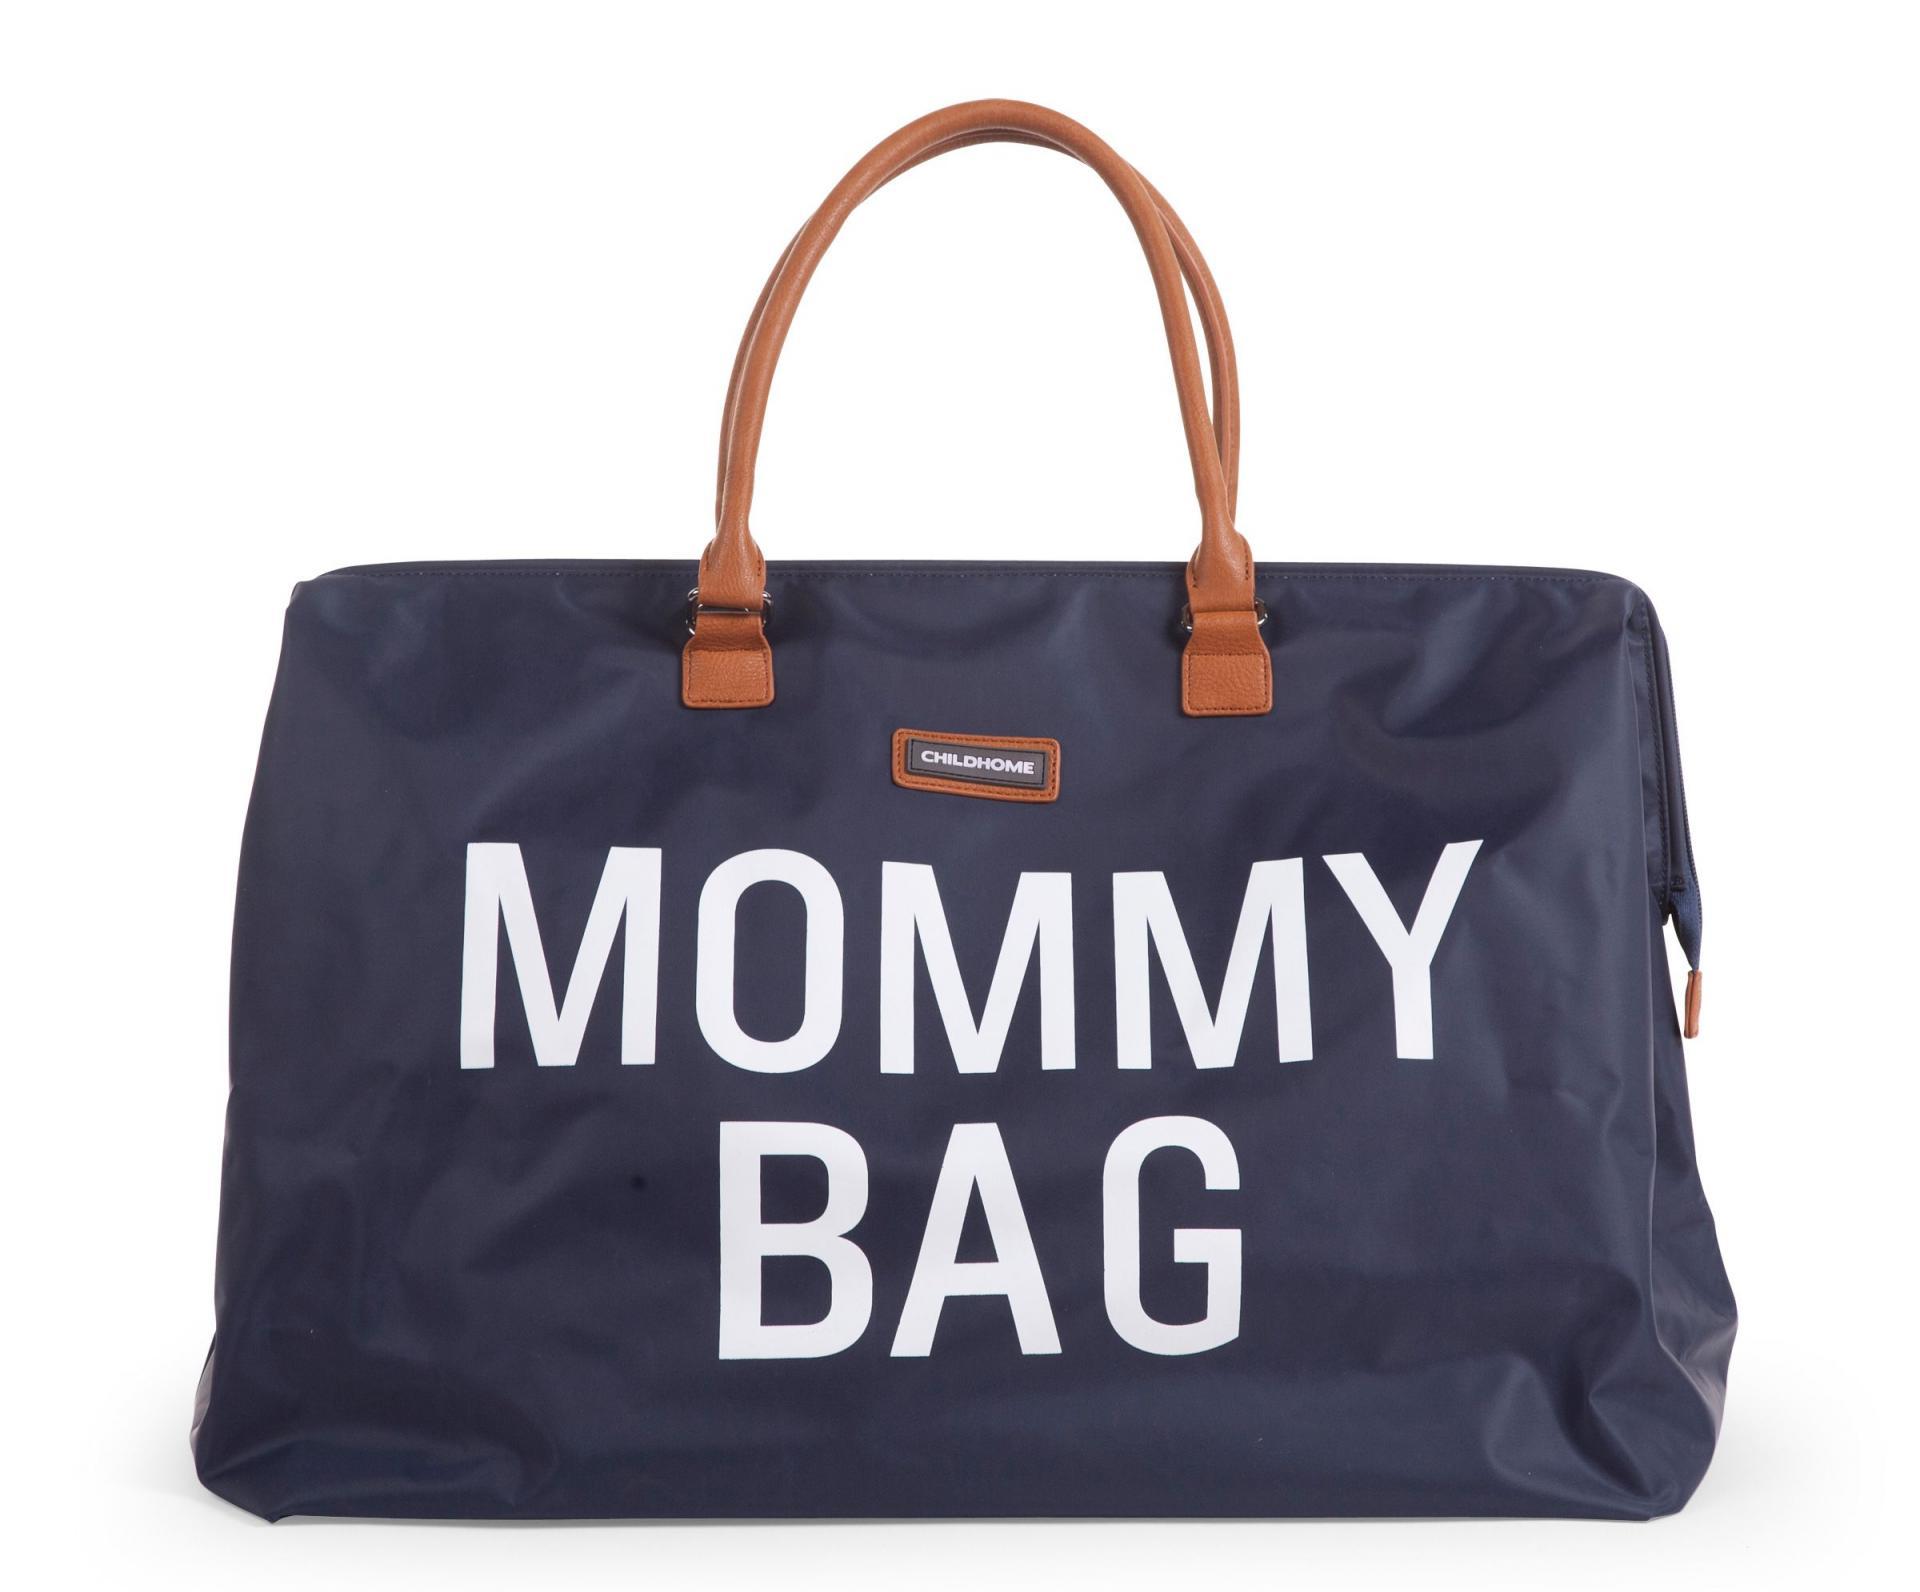 Mommy Bag Nursery Bag - Azul marino y blanca